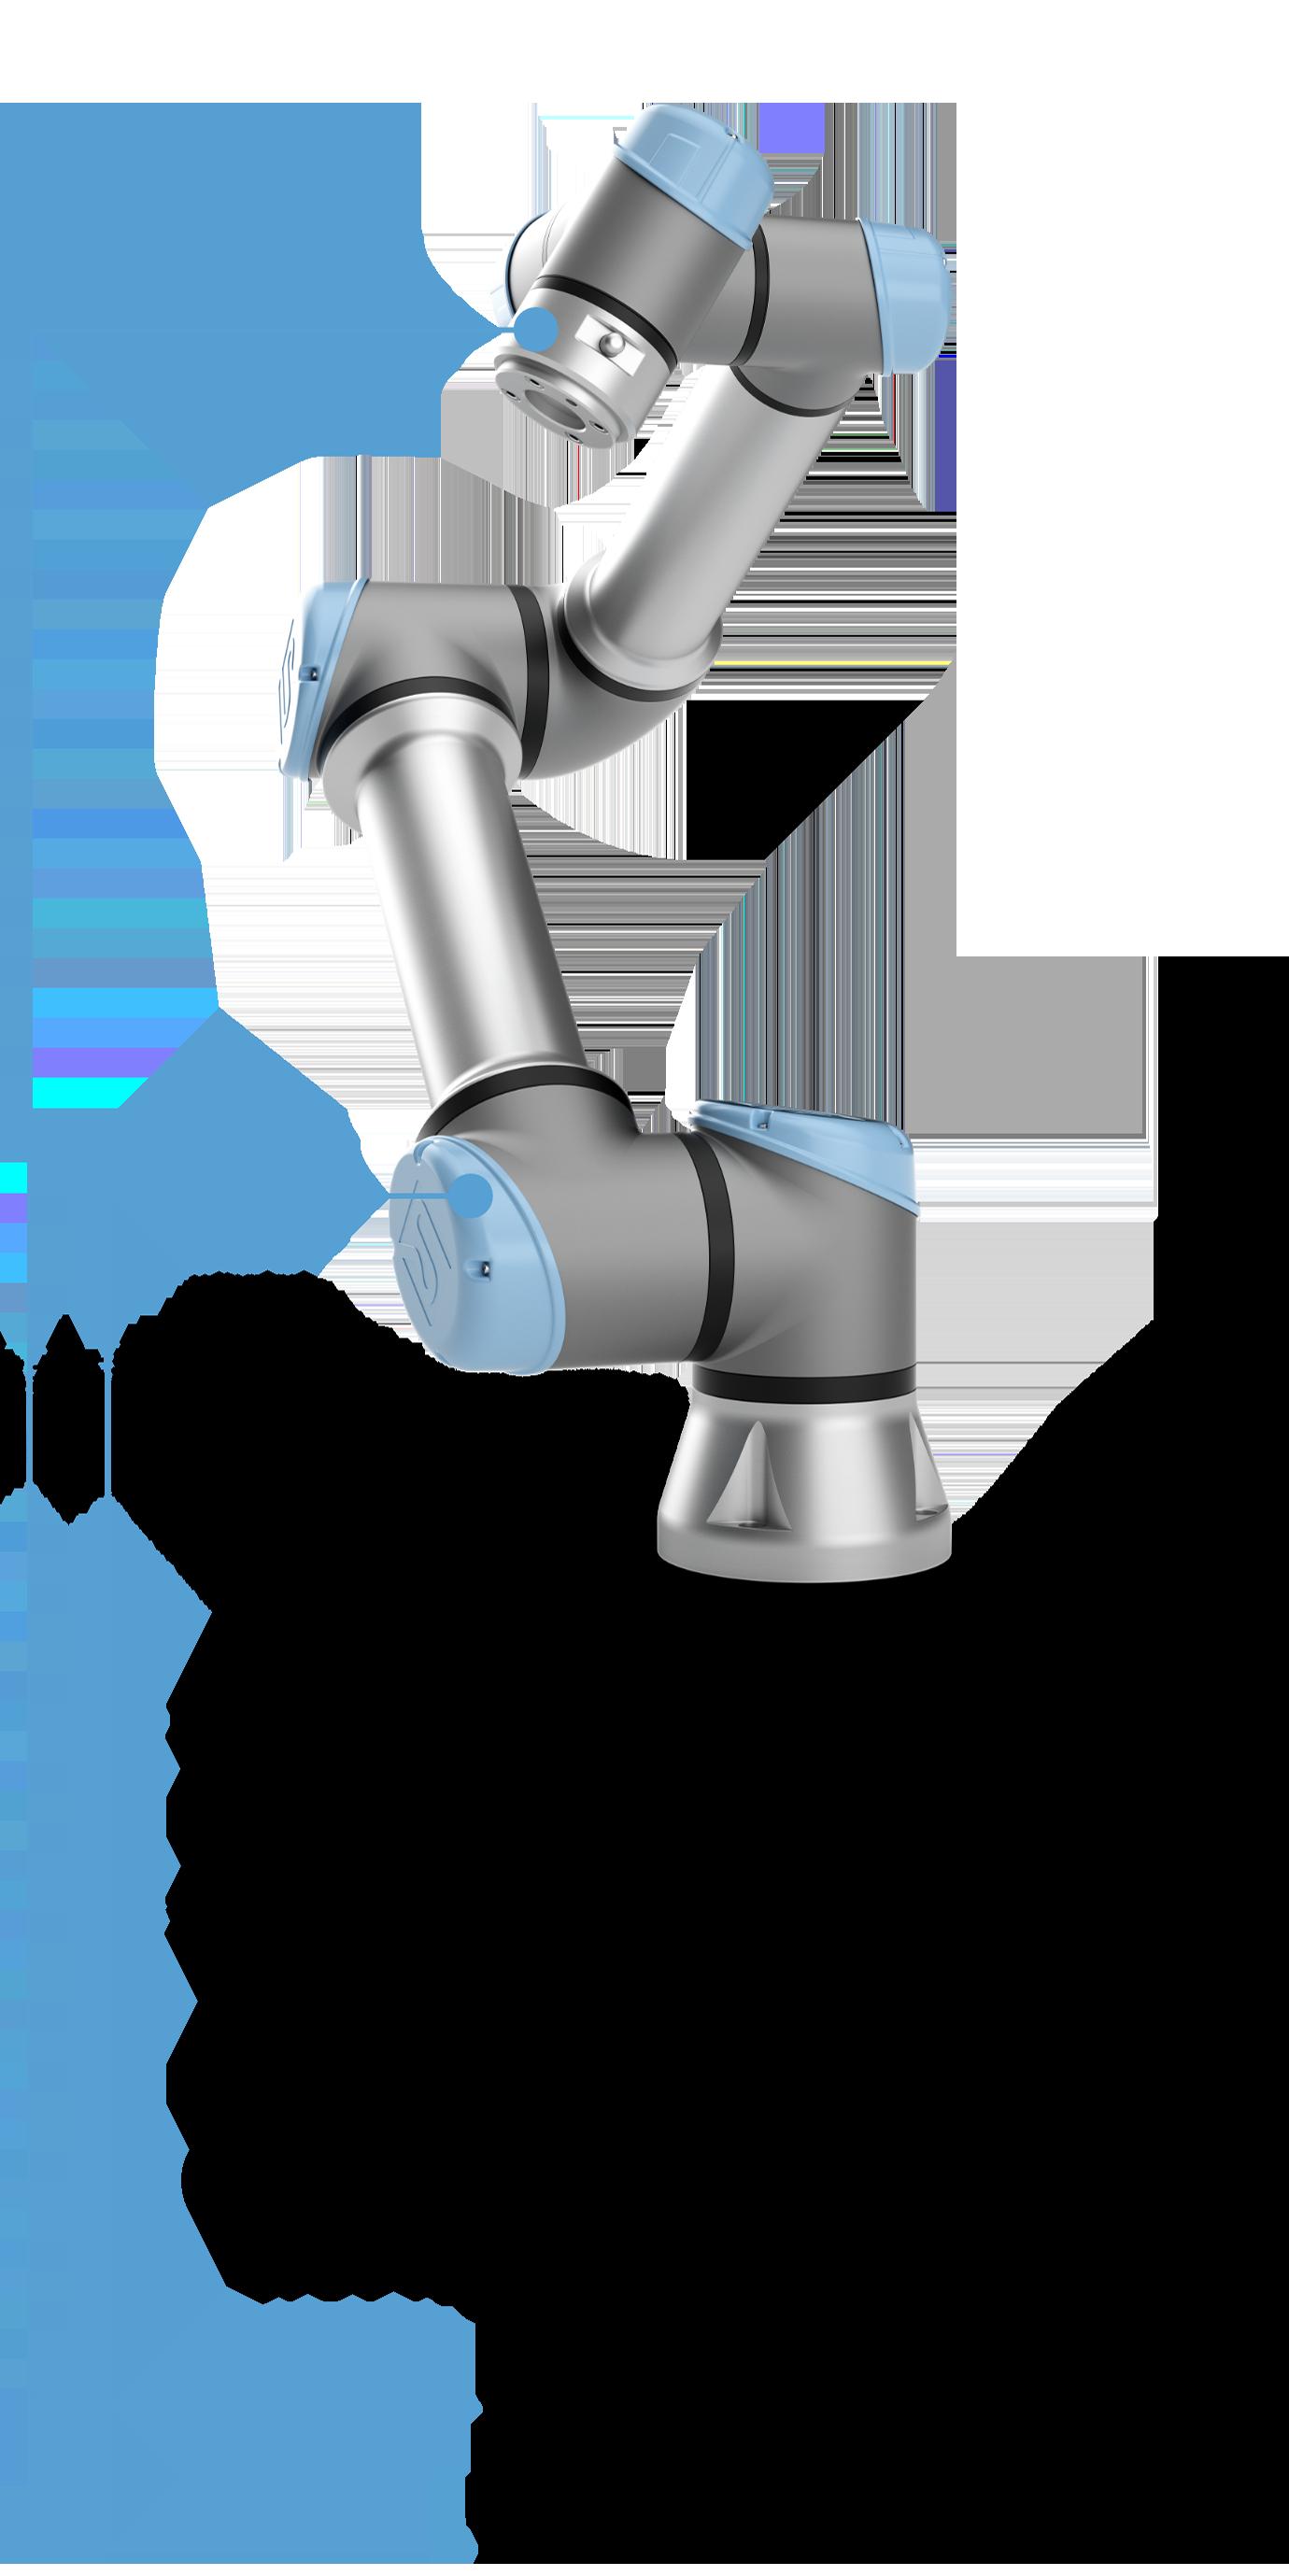 カ/トルクセンサを内蔵 17種類の安全機能すべてがEN ISO 13849-1のカテゴリ3、PL dに対応(TUV NORD認証) EN ISO 10218-1に準備(TUV NORD認証) 簡単に交換可能なジョイント